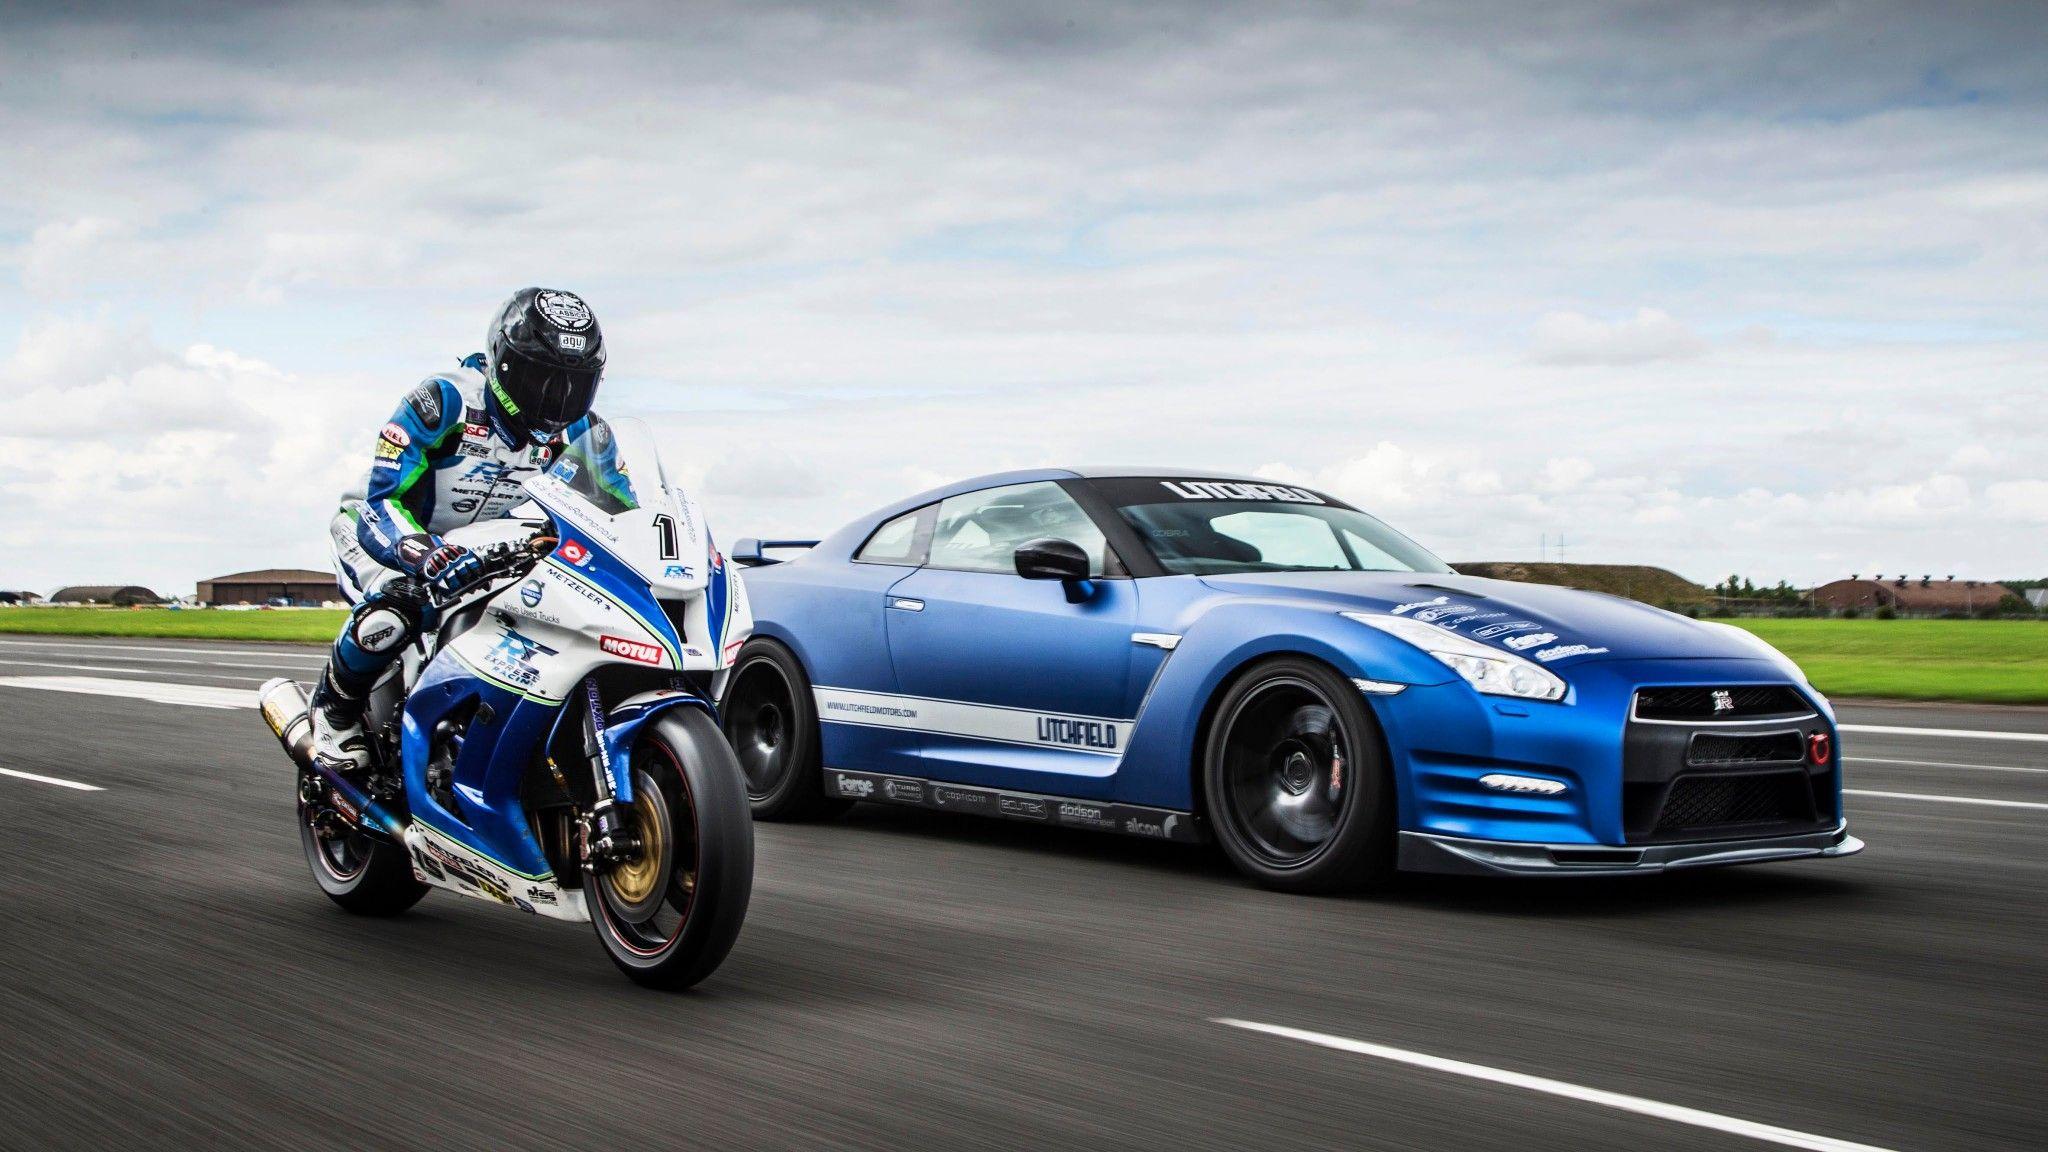 Pin By Sky Blue On Cars Oto Tsikot Wheels Best Motorbike